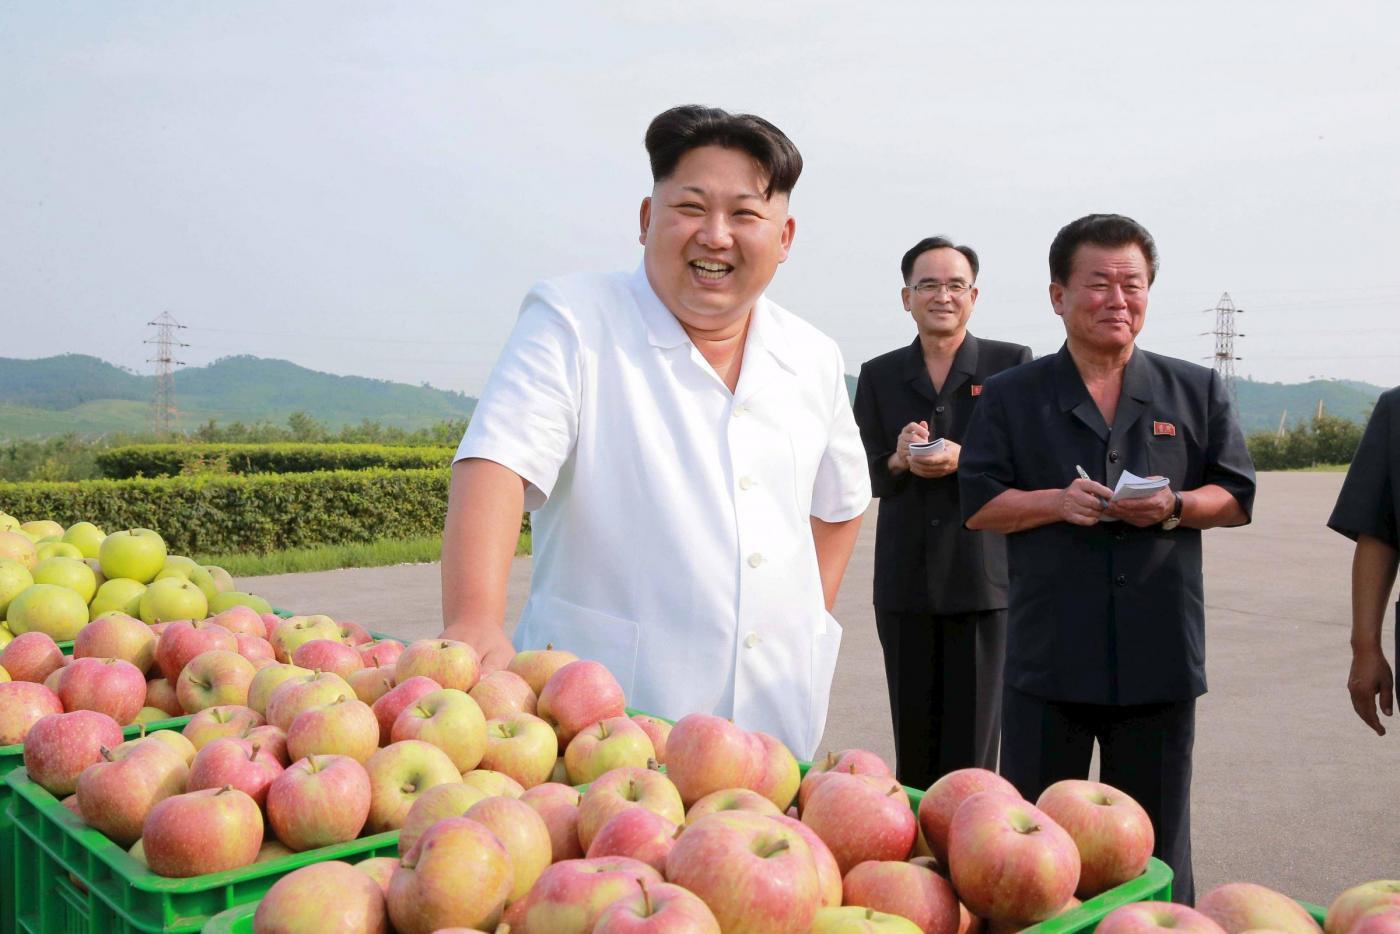 Perché la Corea del Sud non ha paura della Corea del Nord e continua ad aiutarla